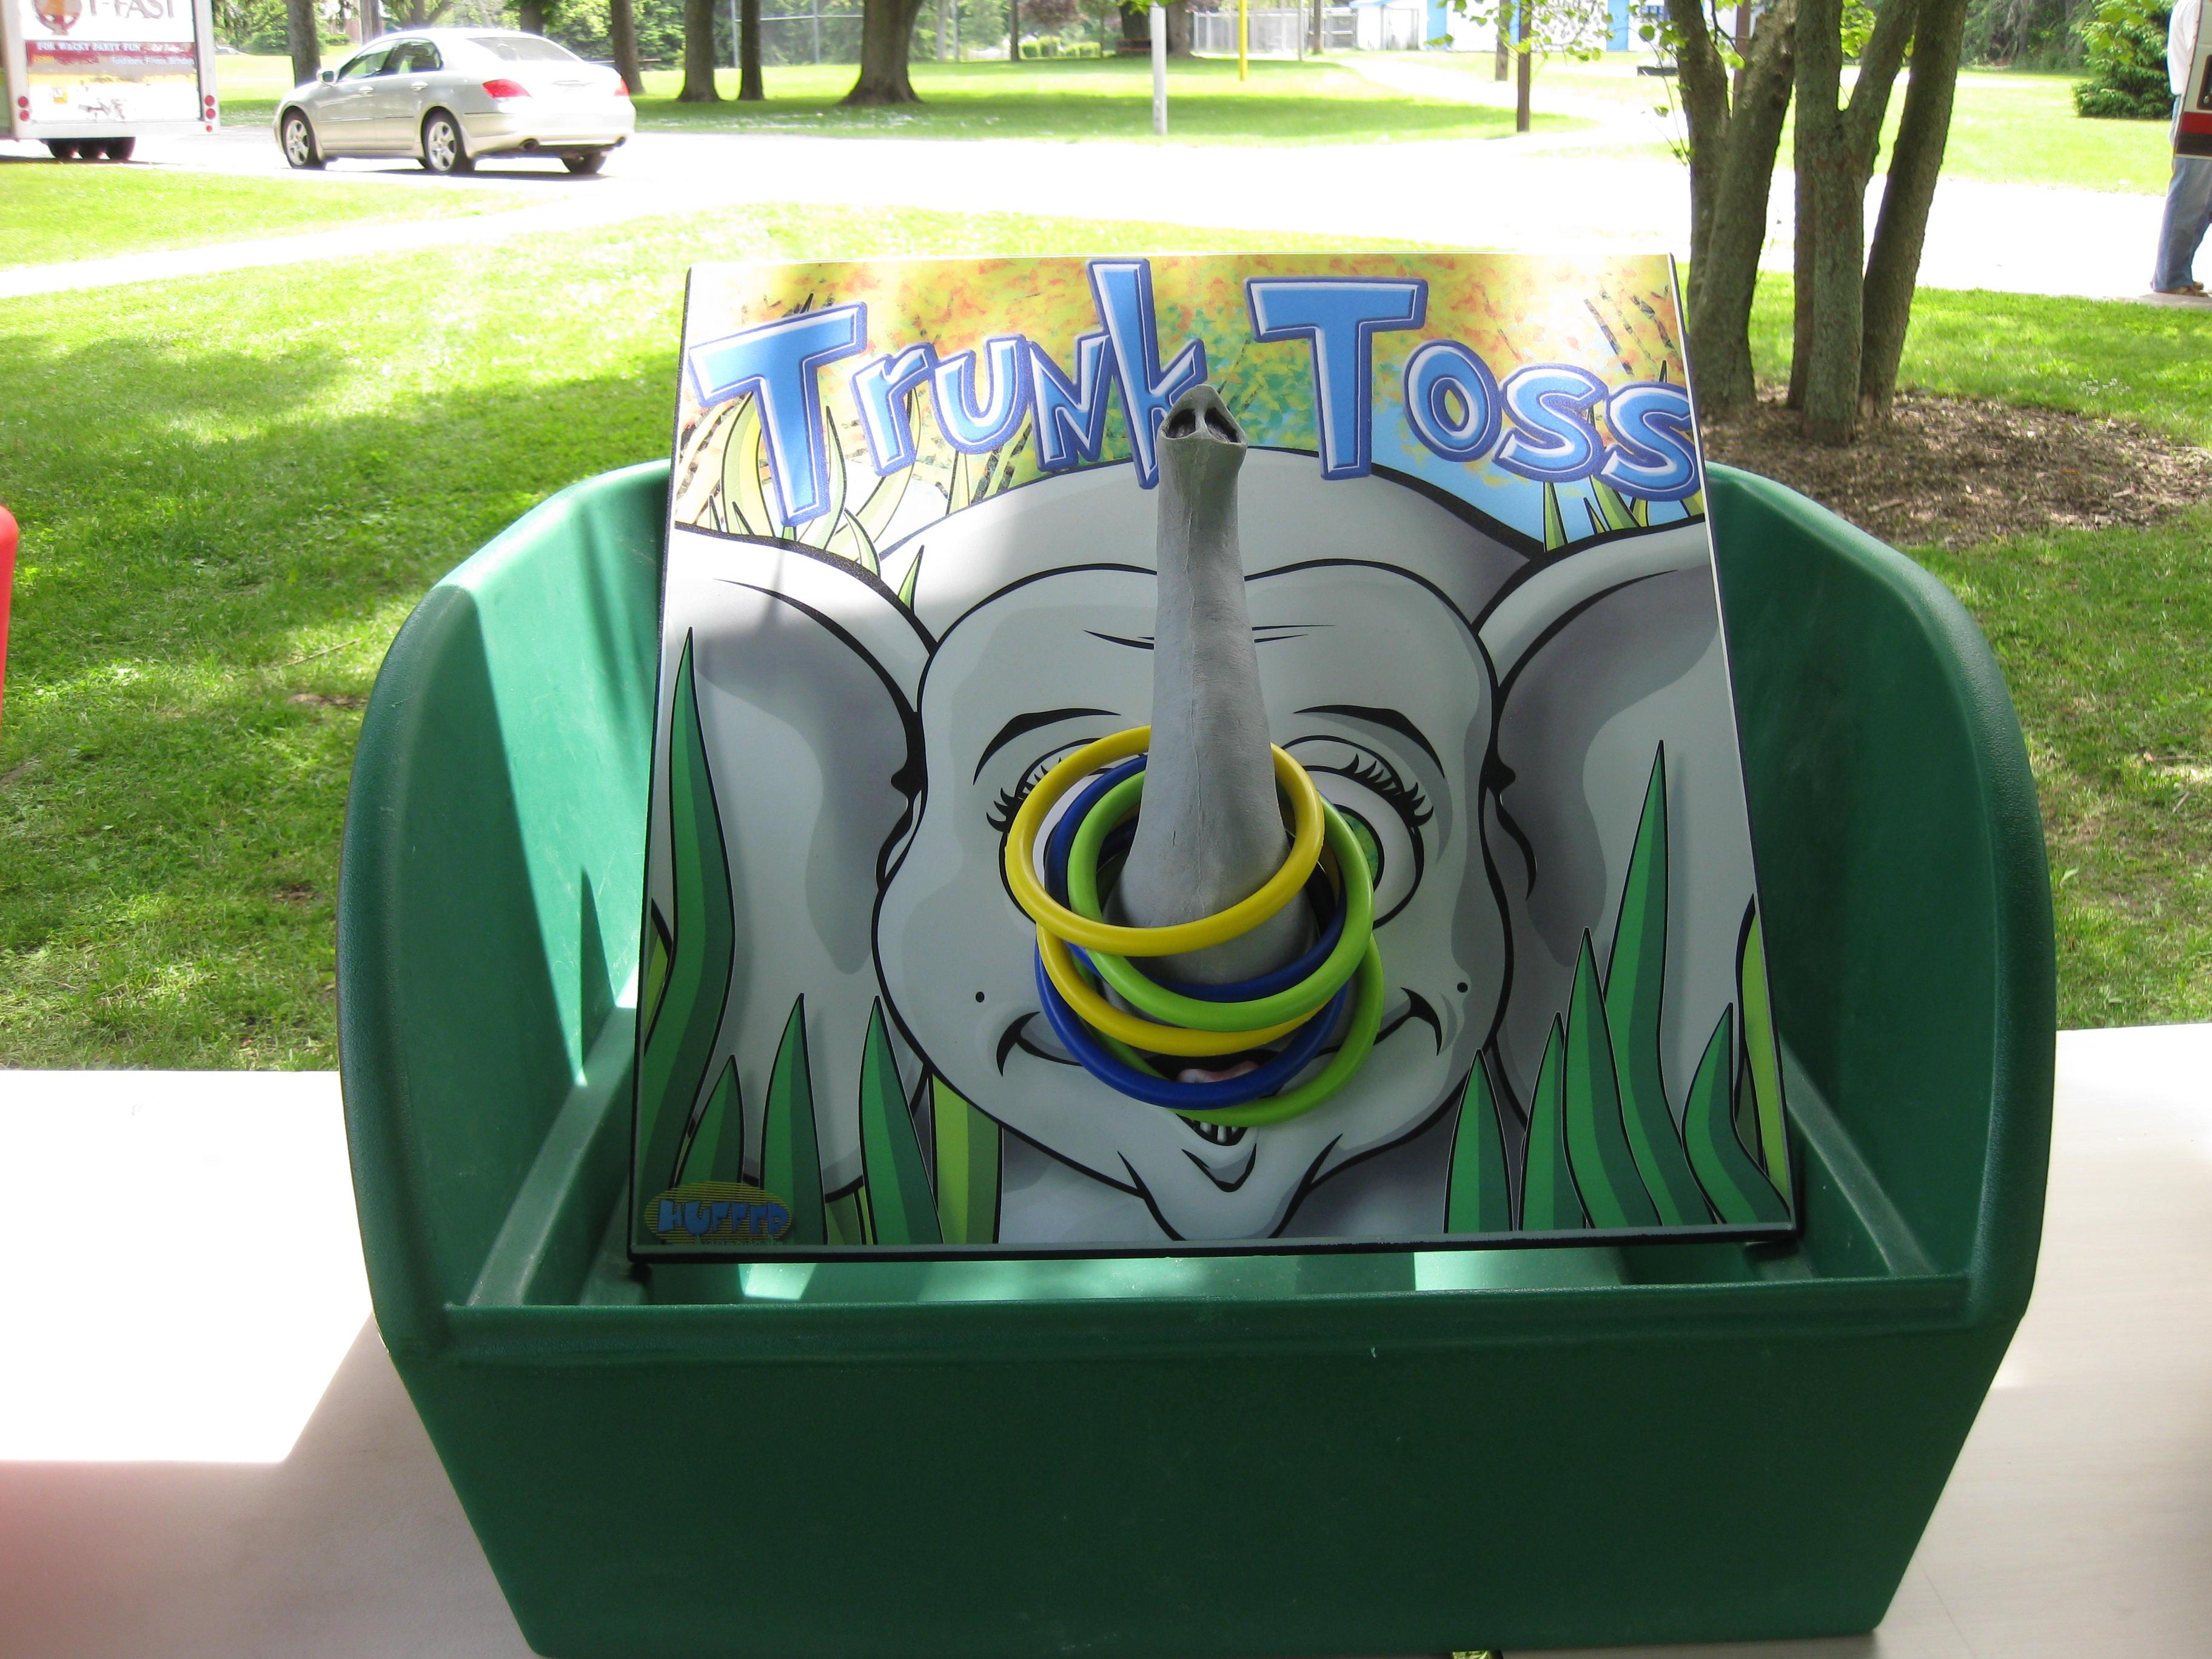 Elephant Trunk Toss